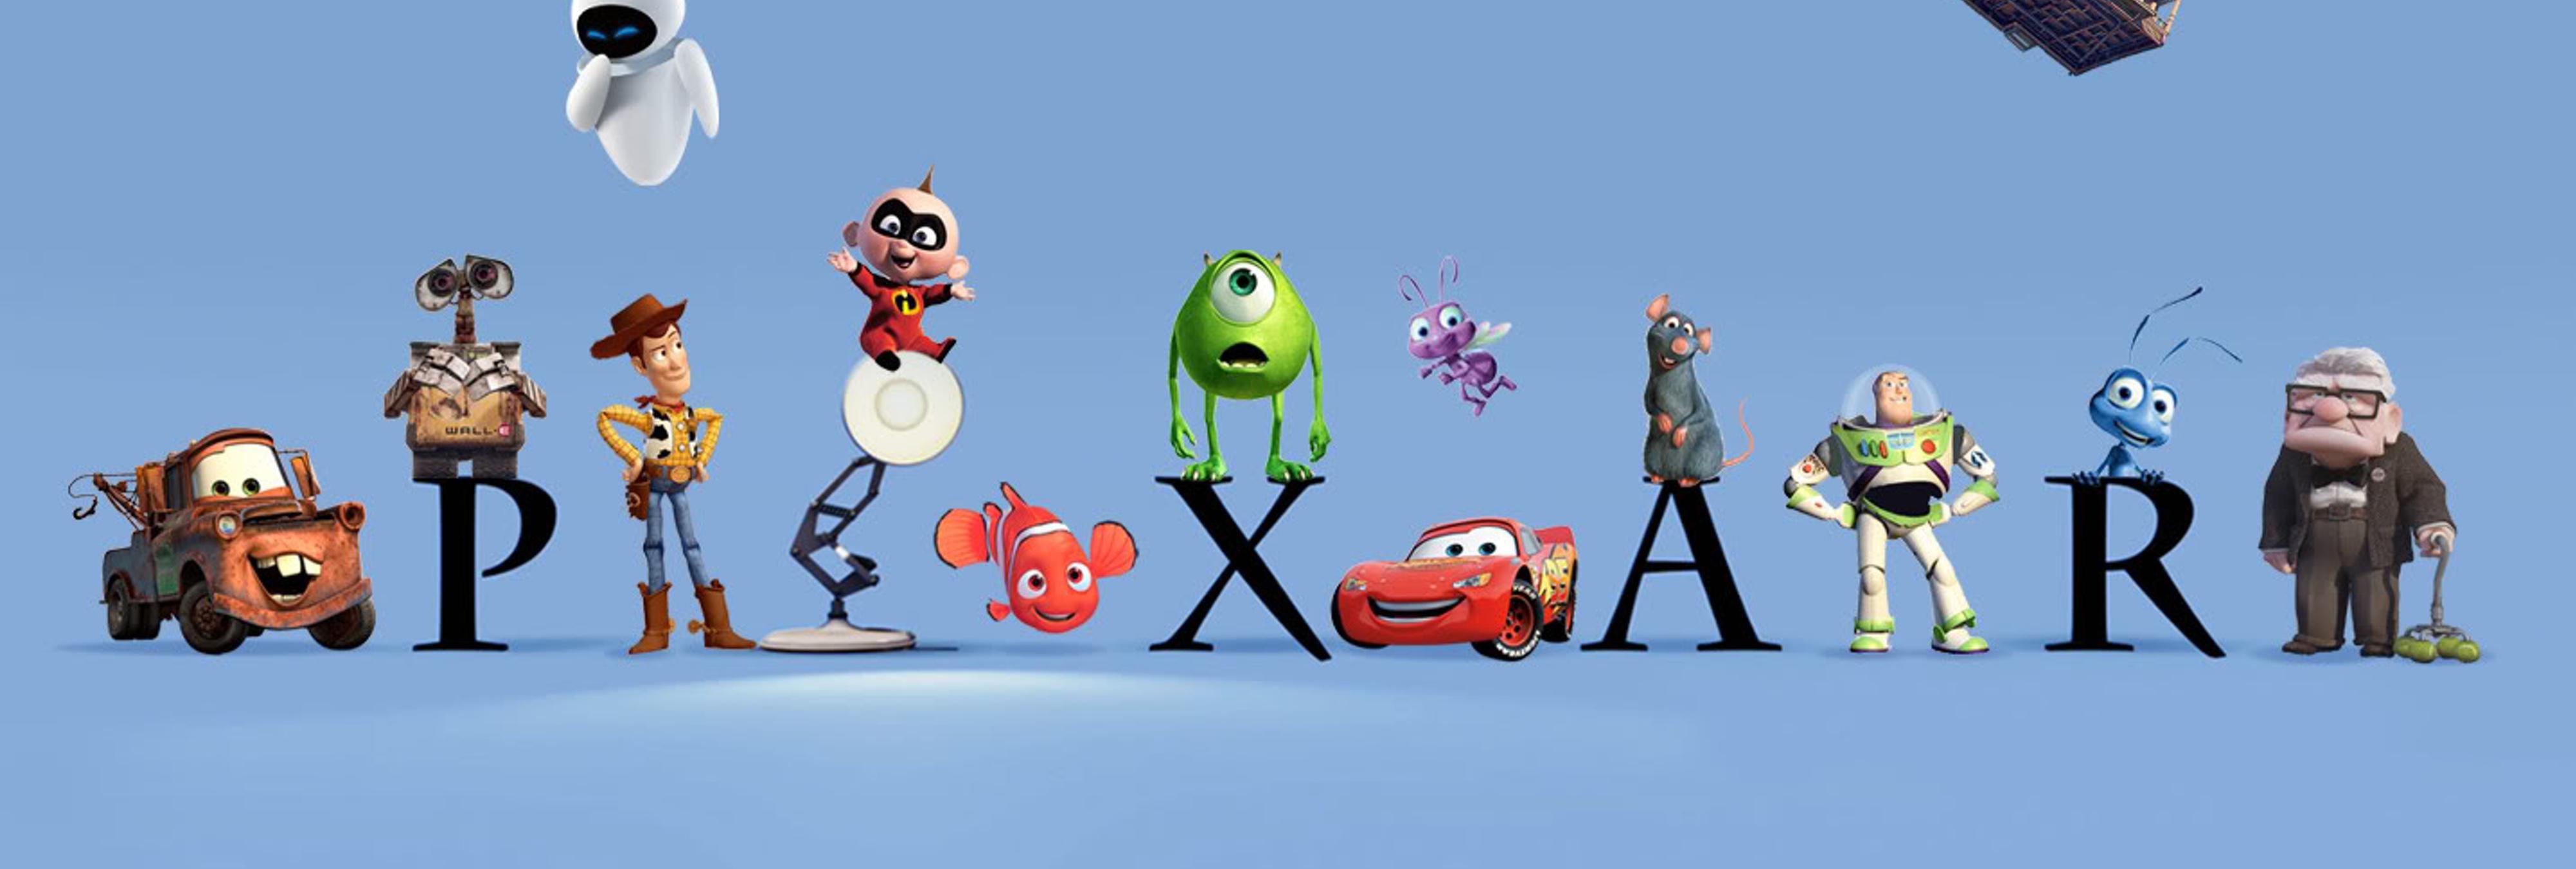 Disney confirma con este vídeo que todas las películas Pixar están conectadas entre sí